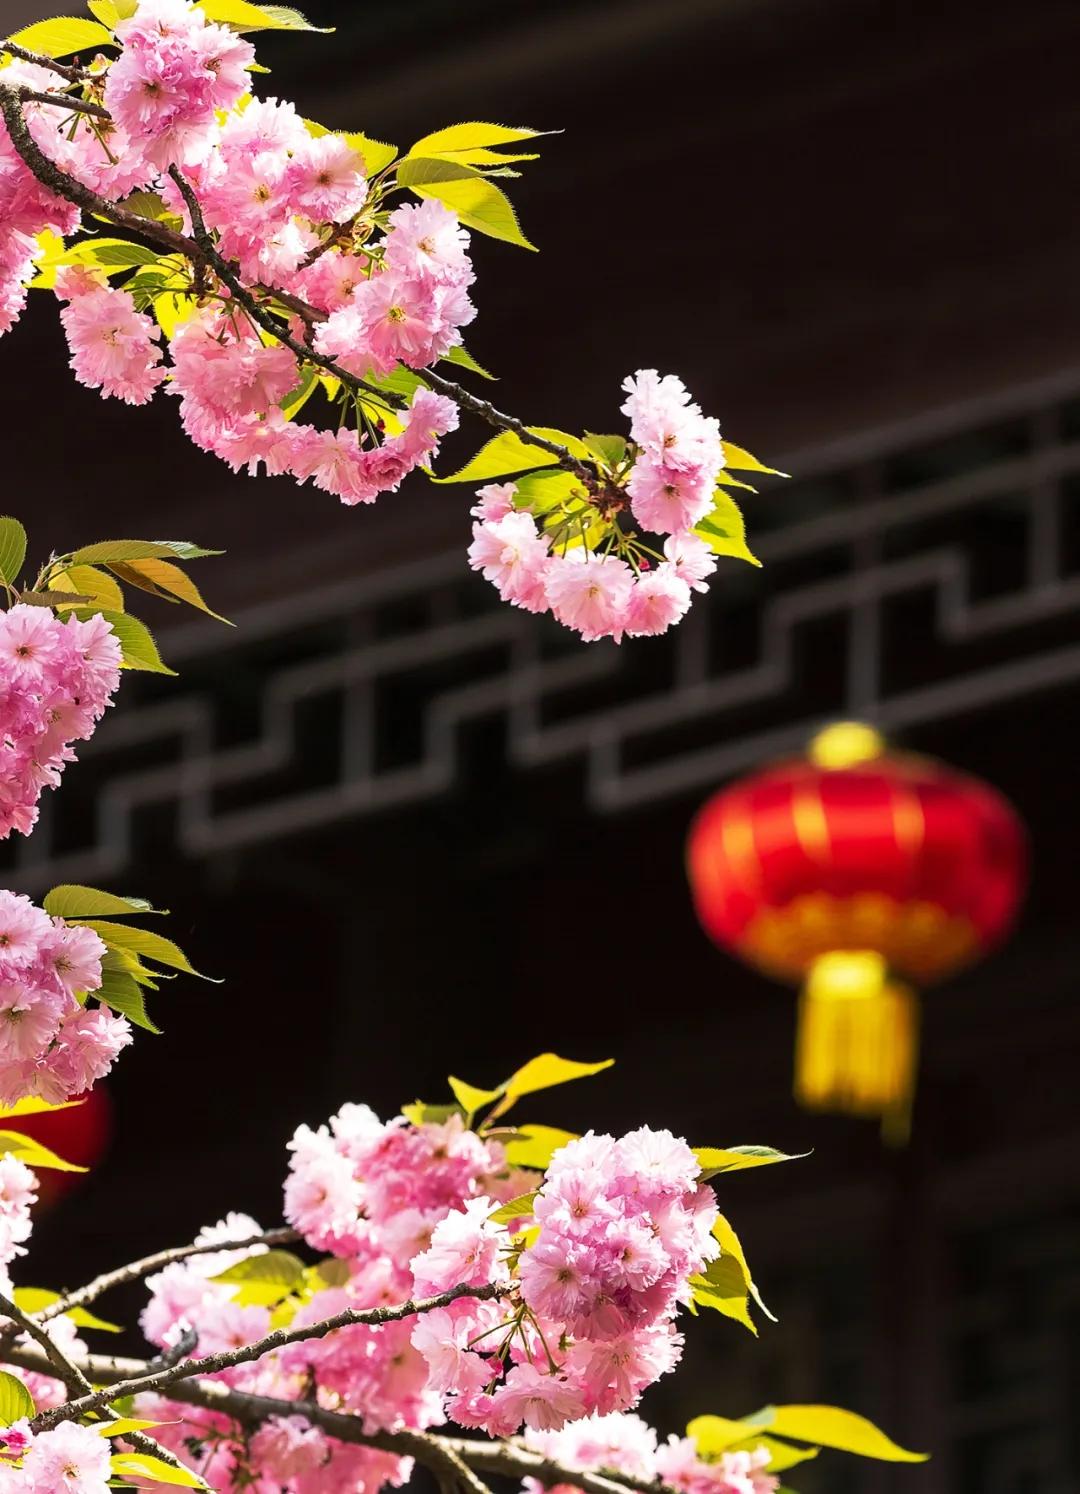 趁着春光未老,还来得及,去光福赶一场樱花季